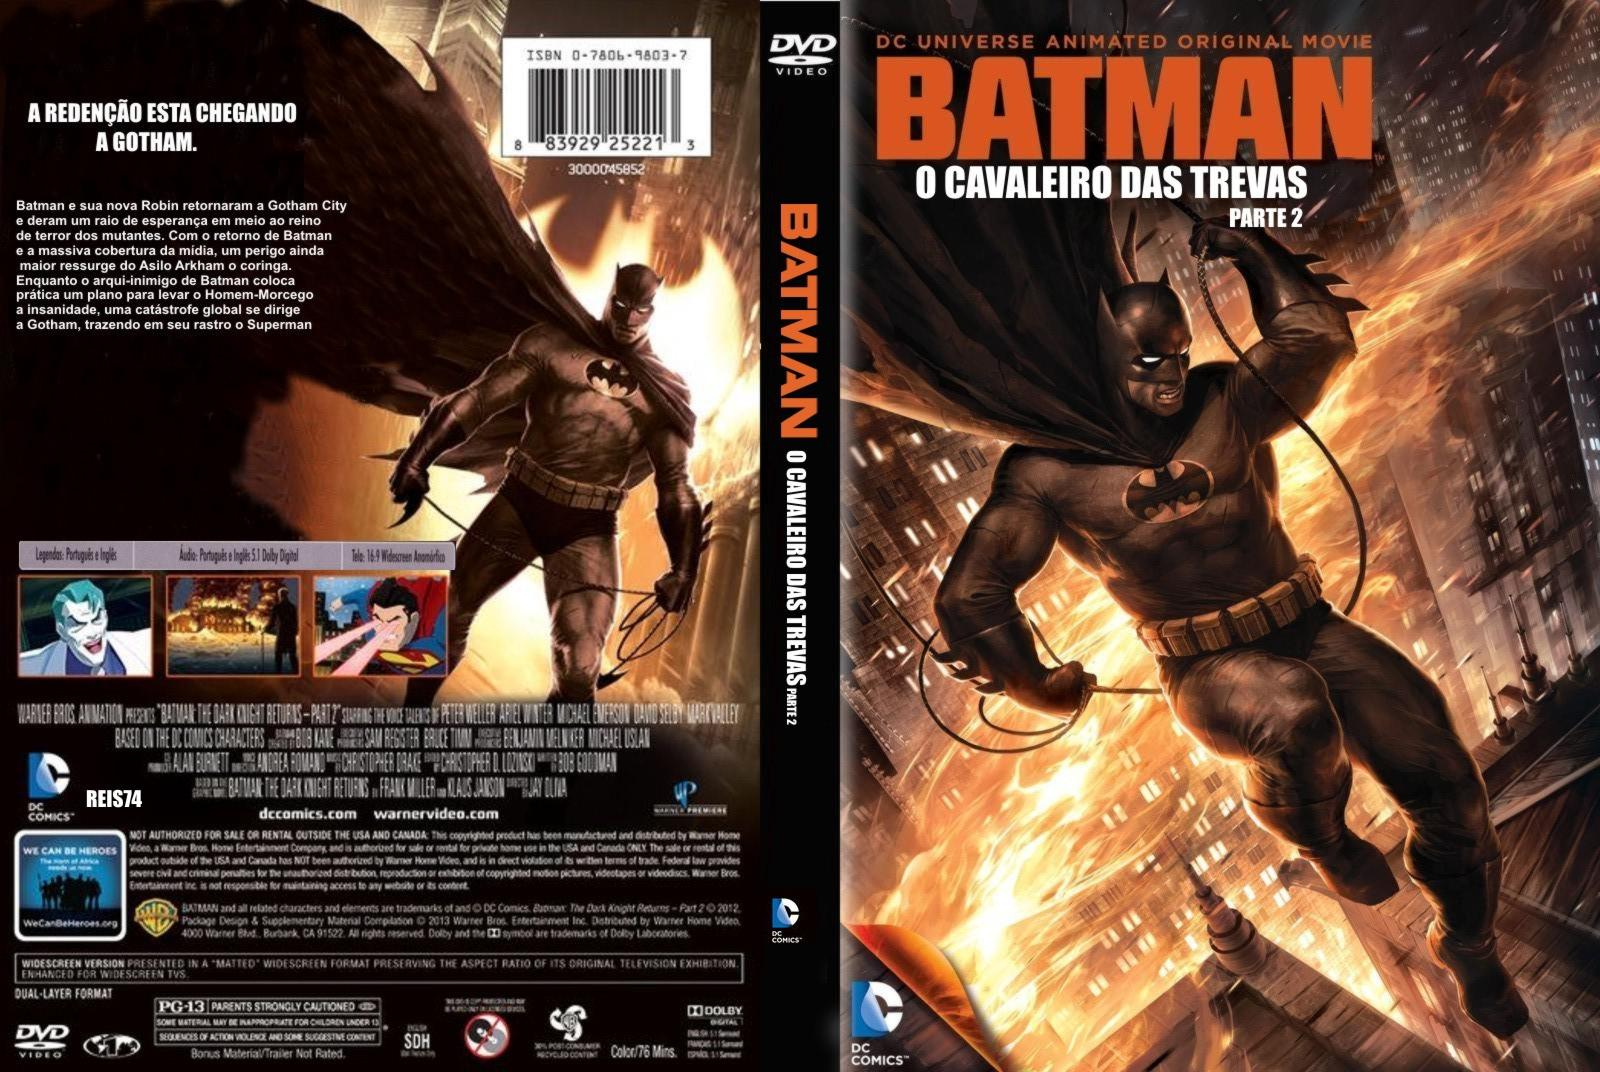 TREVAS DVD RESSURGE CAVALEIRO BAIXAR BATMAN DAS FILME O